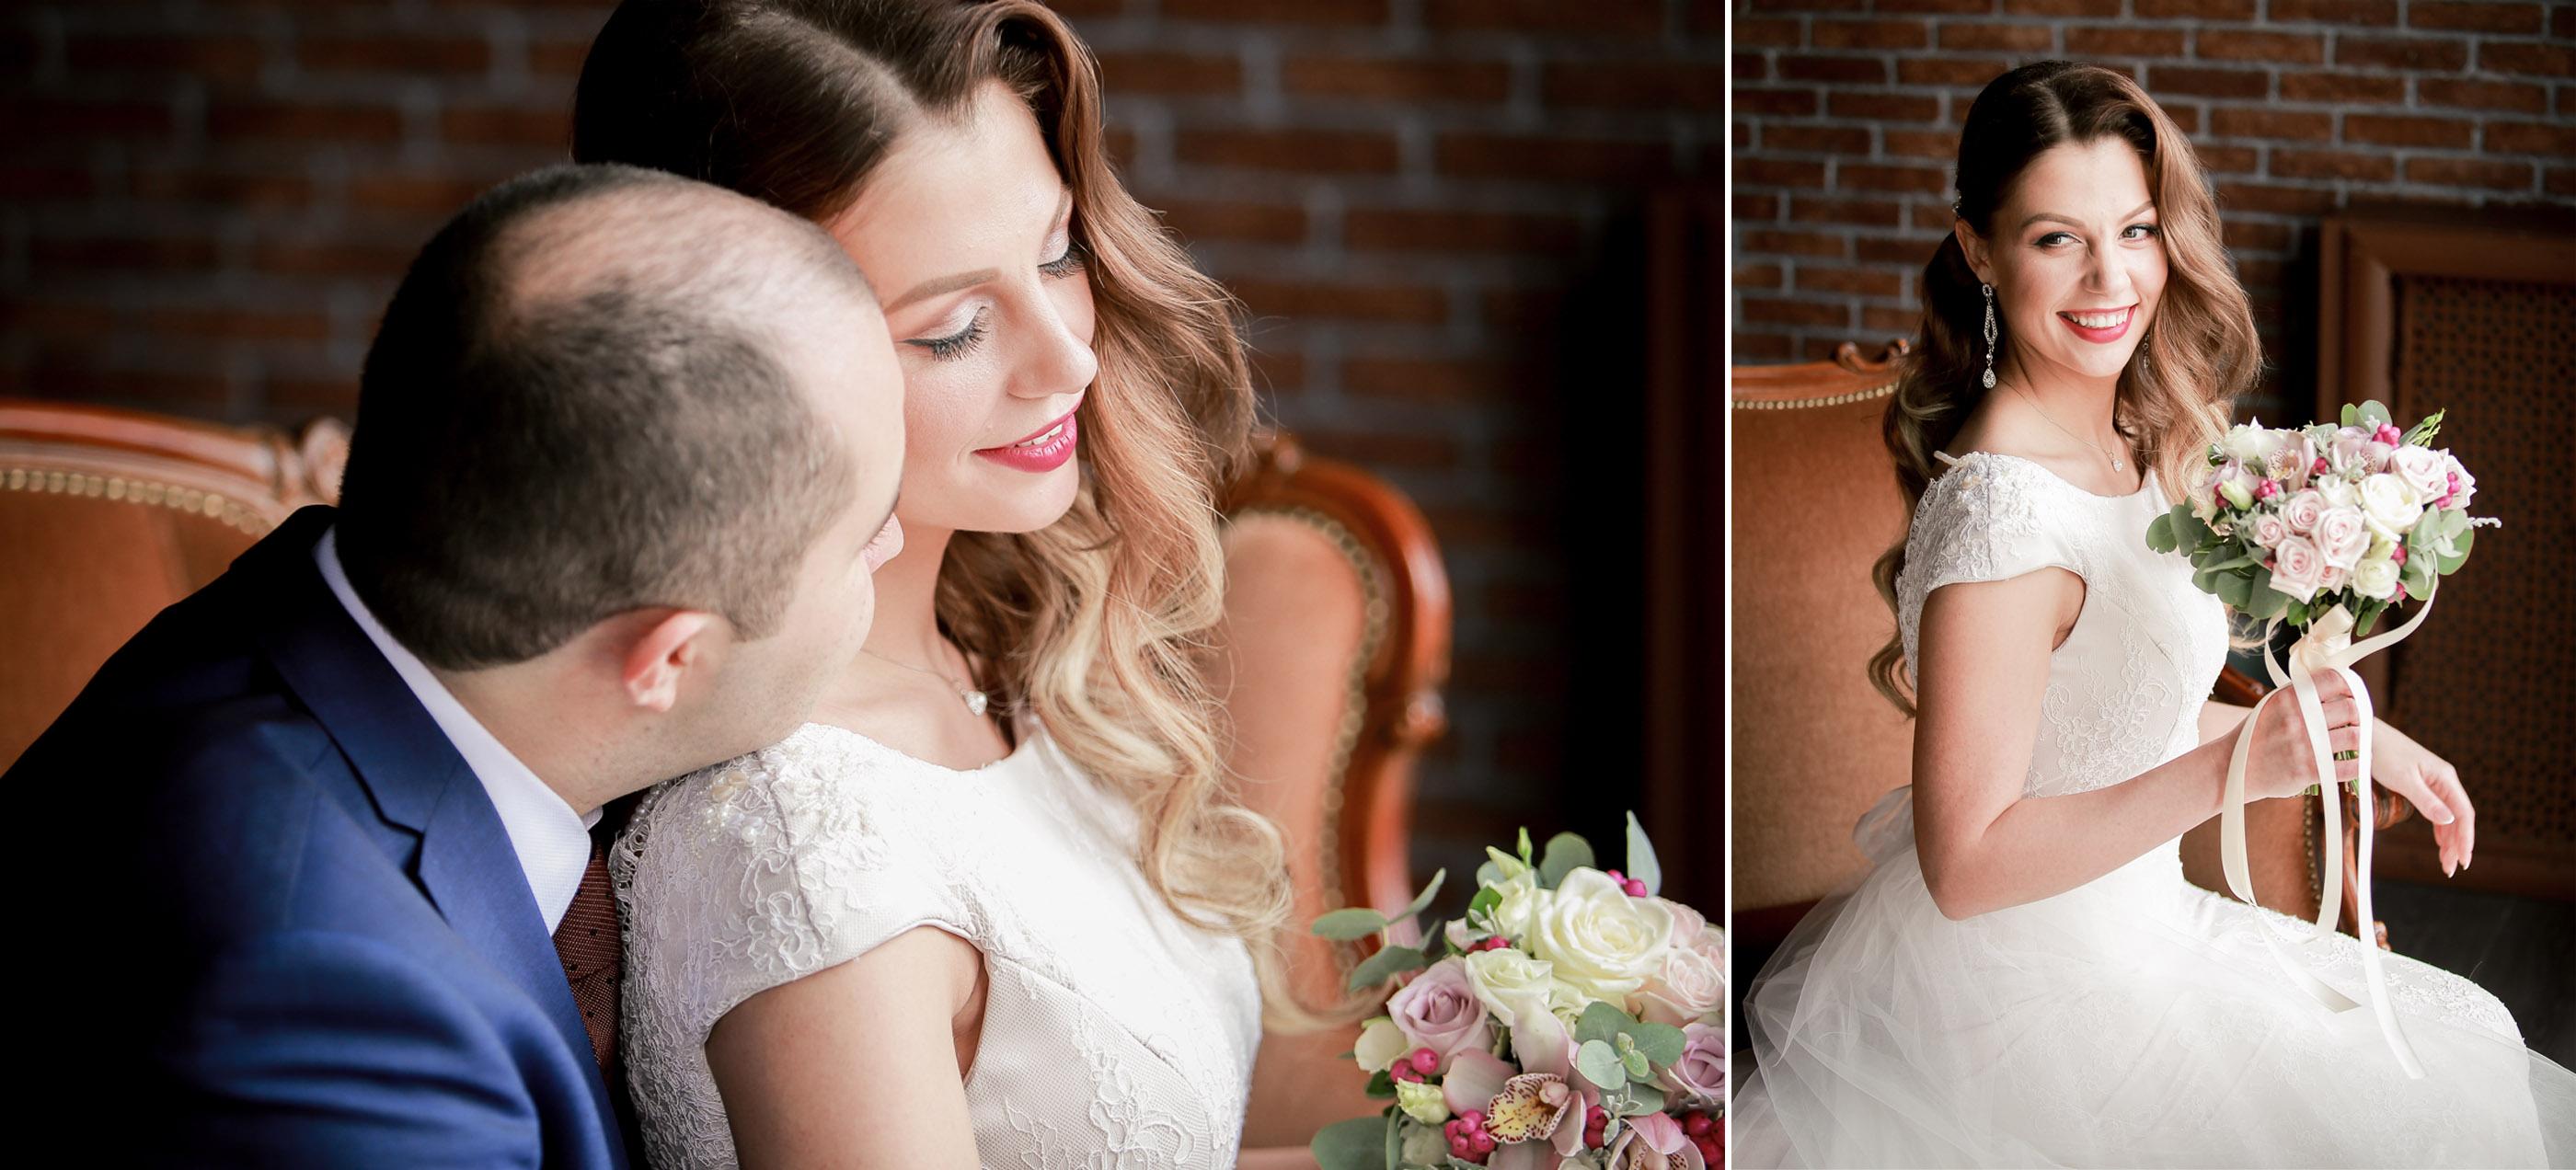 Свадебная фотосессия, фотограф на свадьбу, свадьба уфа,